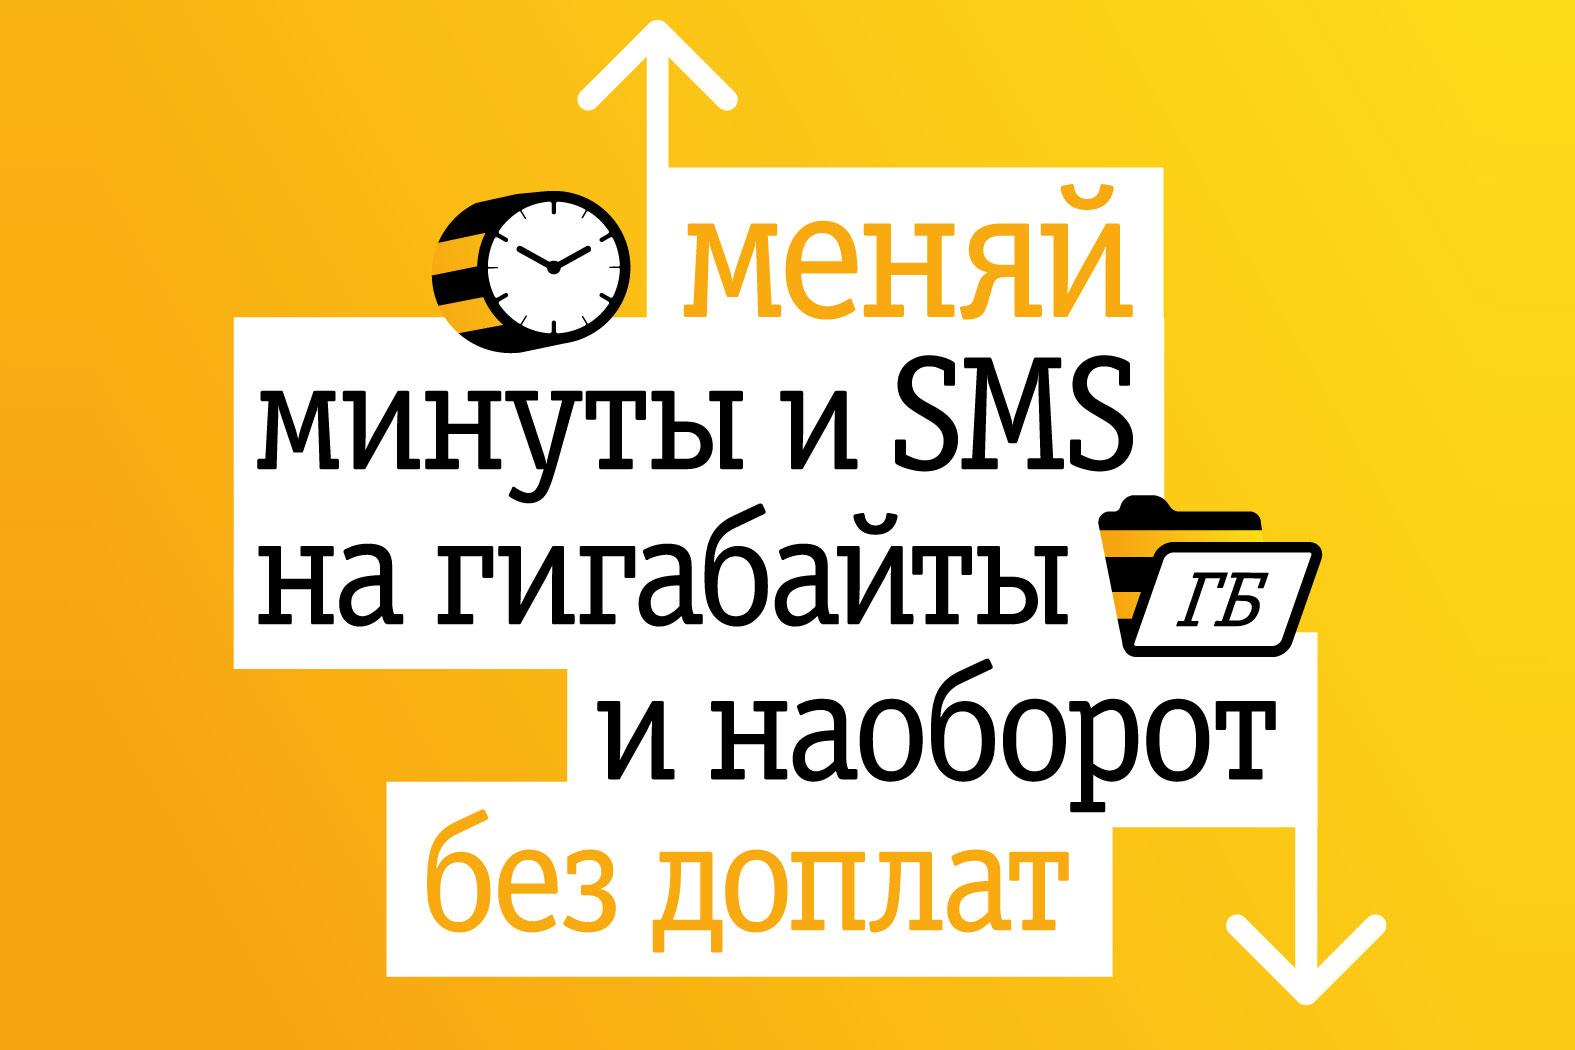 Обзор новых тарифов «ВСЁмоё!» – с «Билайном» можно менять минуты и SMS на гигабайты, и наоборот